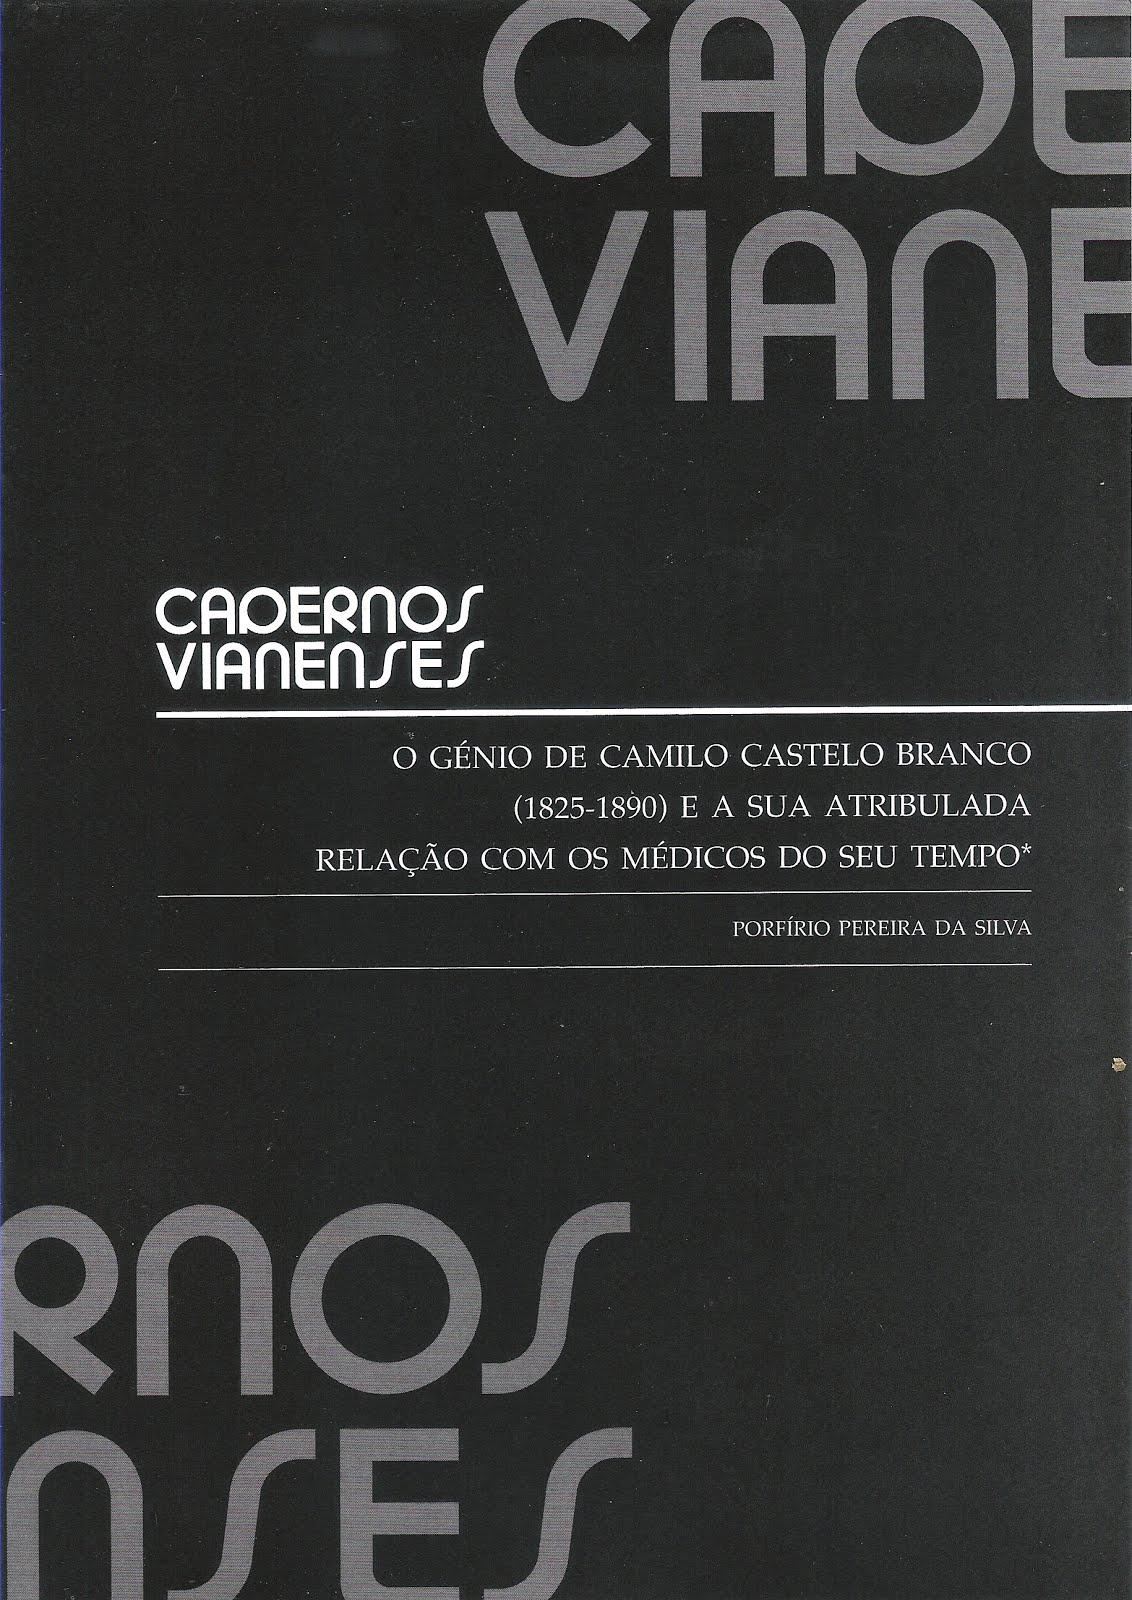 O GÉNIO DE CAMILO CASTELO BRANCO (1825-1890) E A SUA ATRIBULADA RELAÇÃO COM OS MÉDICOS DO SEU TEMPO